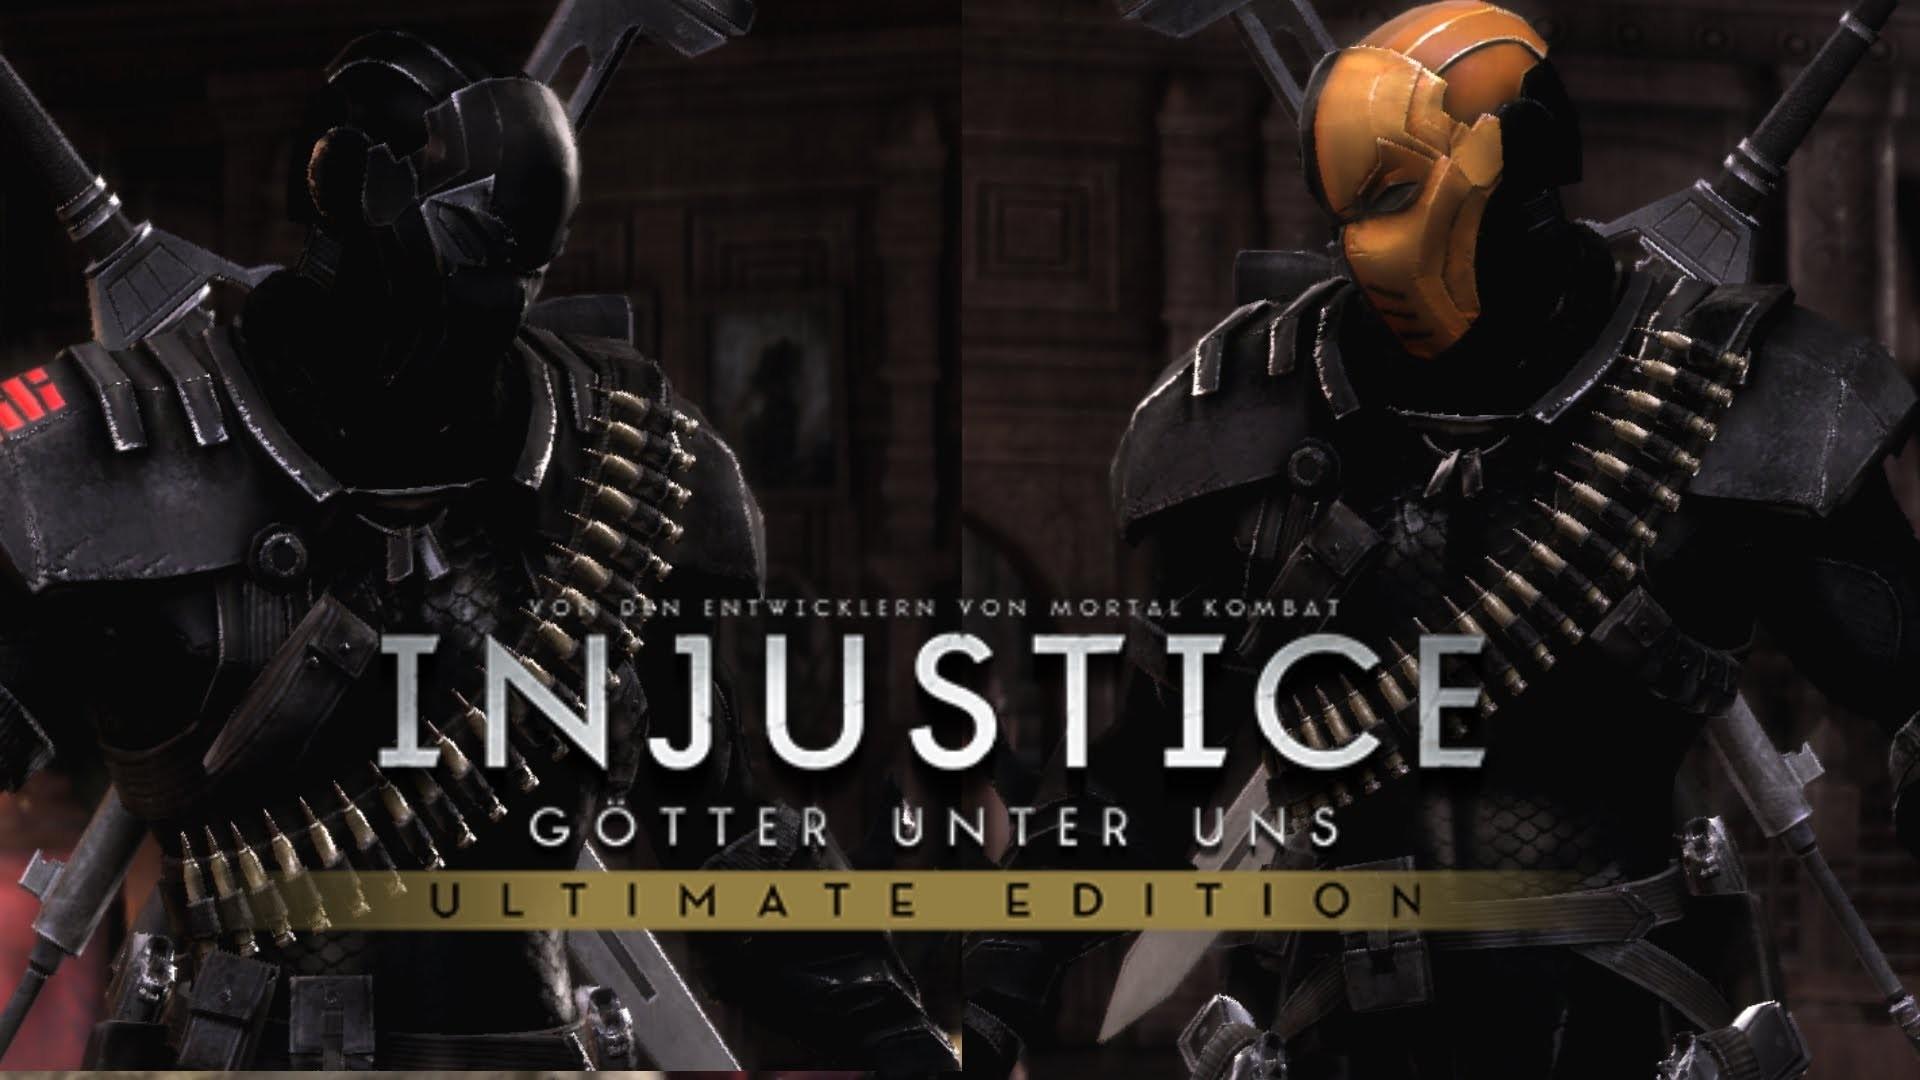 Injustice Ultimate Edition PC | Deathstroke (Snake Eyes) vs Deathstroke  (Arrow Season 2) Skin Mod – YouTube